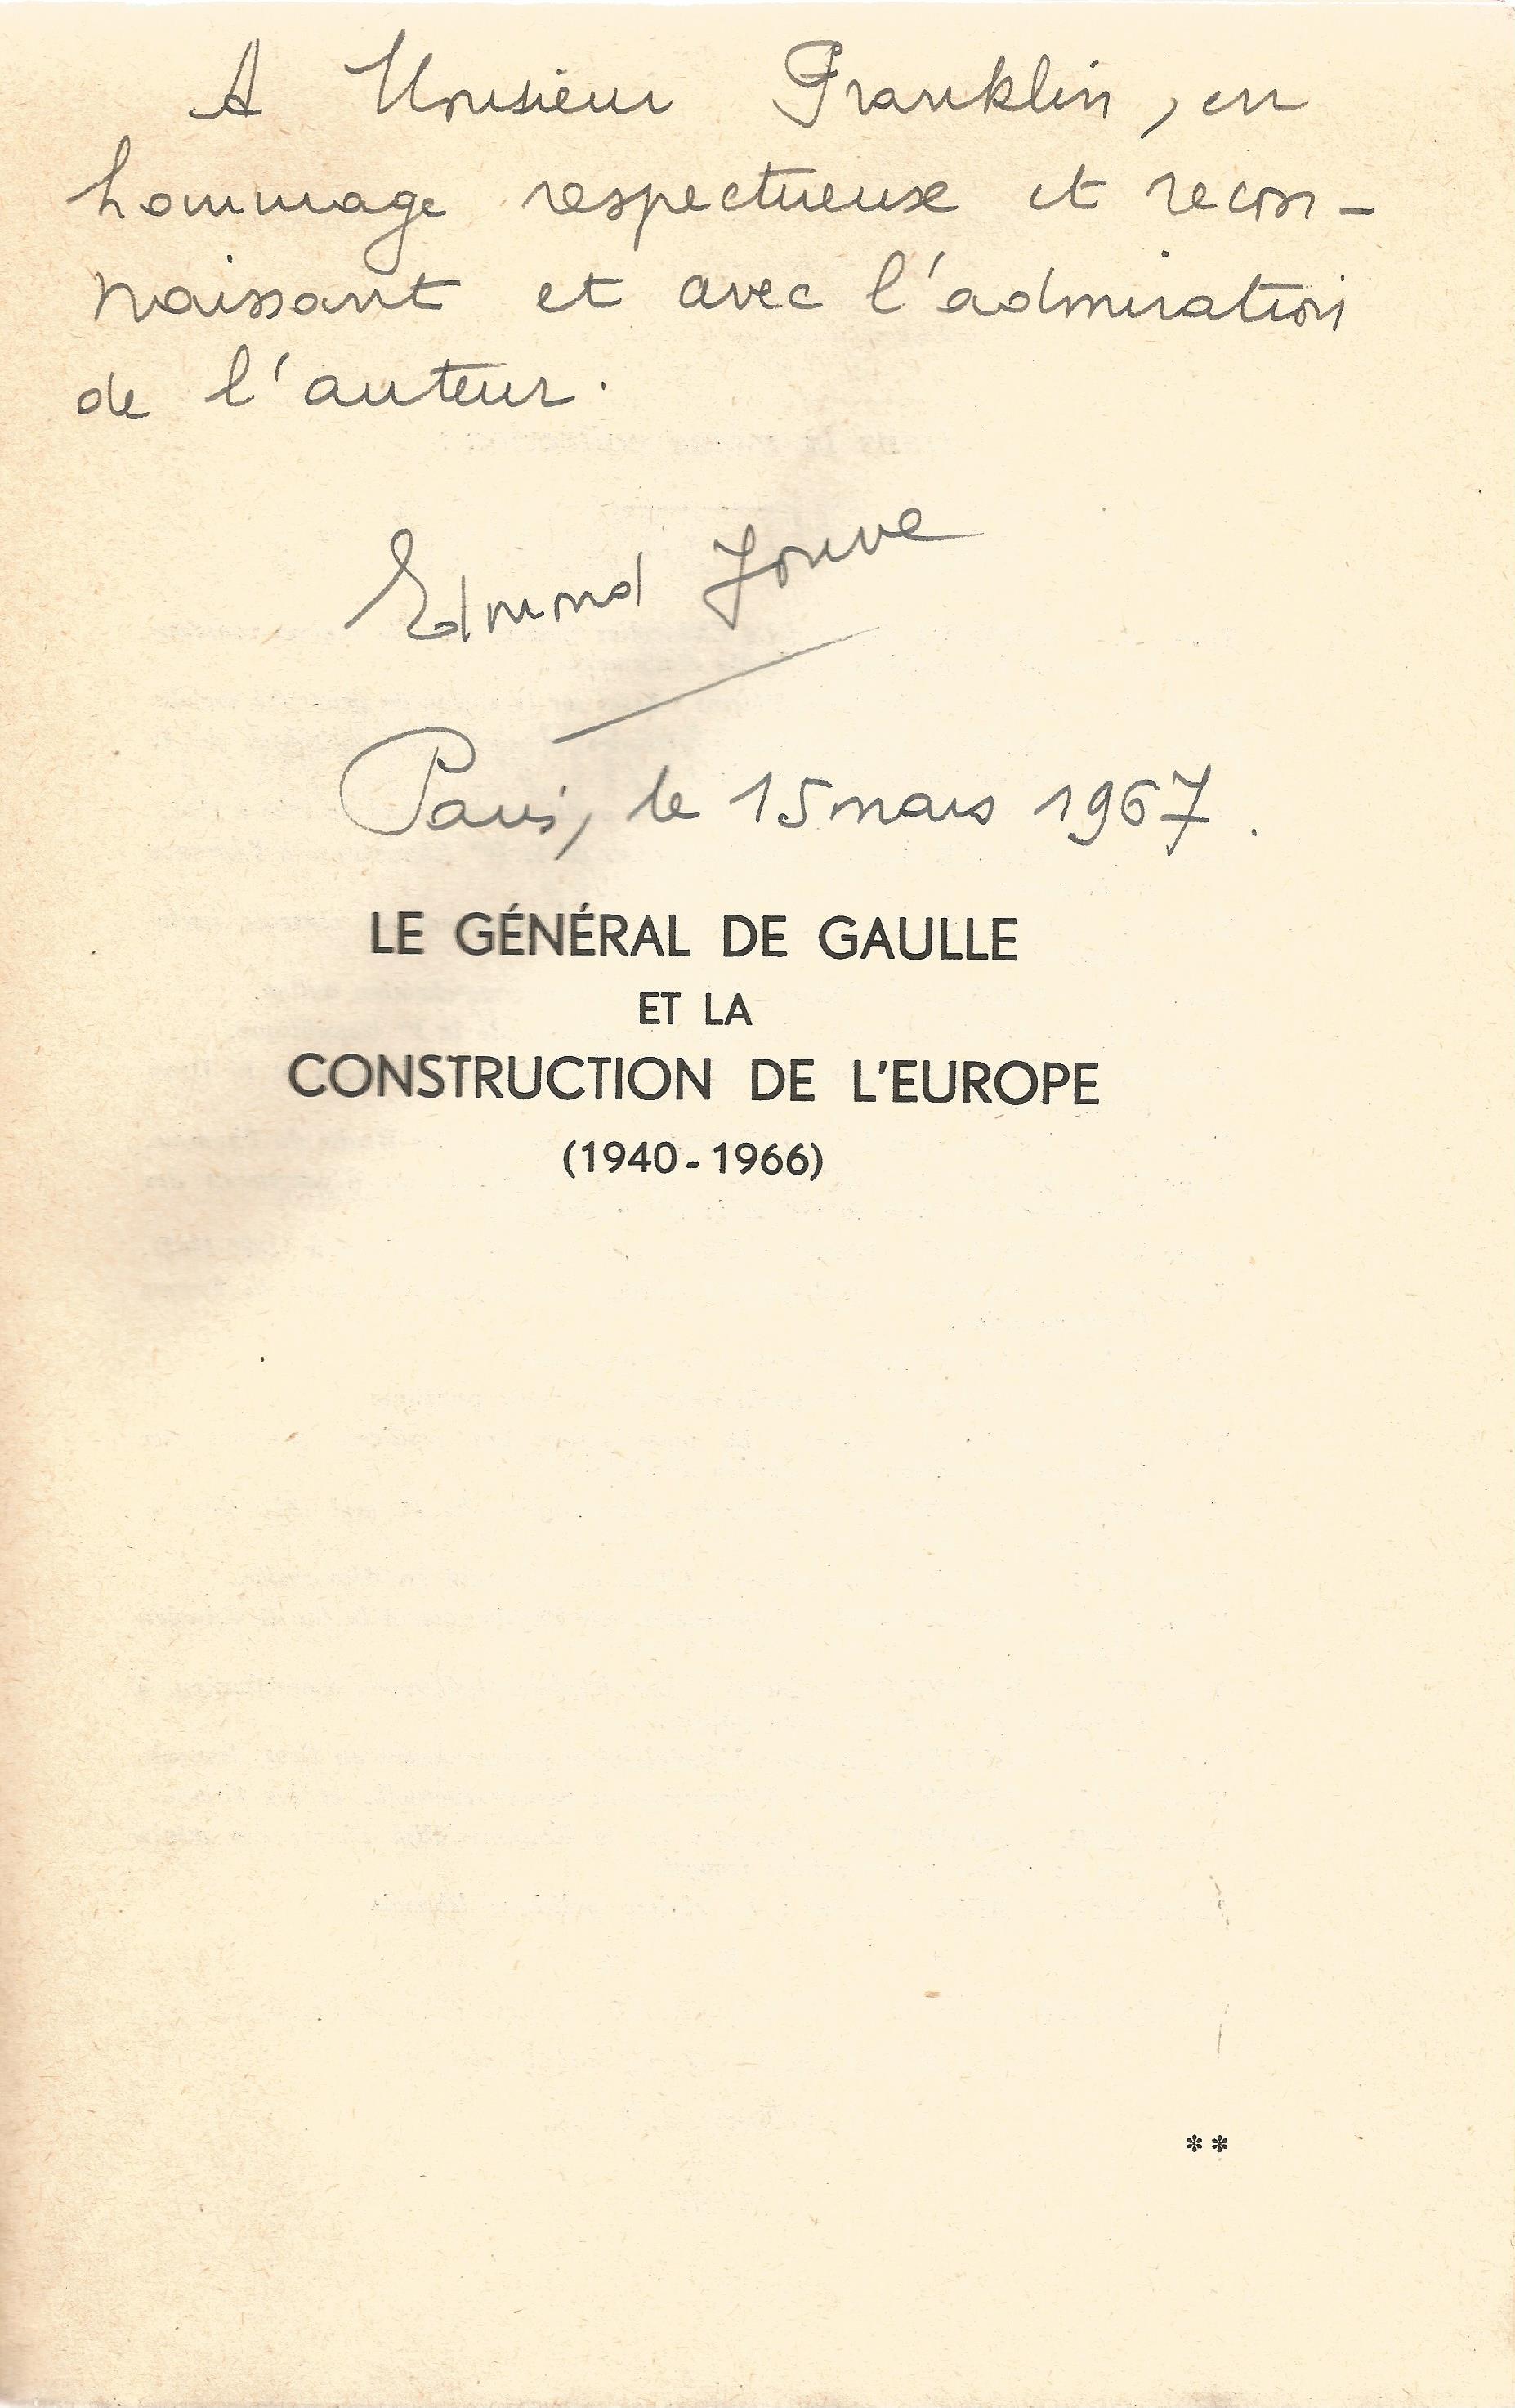 Edmond Jouve signed paperback book titled Le General De Gaulle Et La Construction De L'Europe - Image 2 of 2